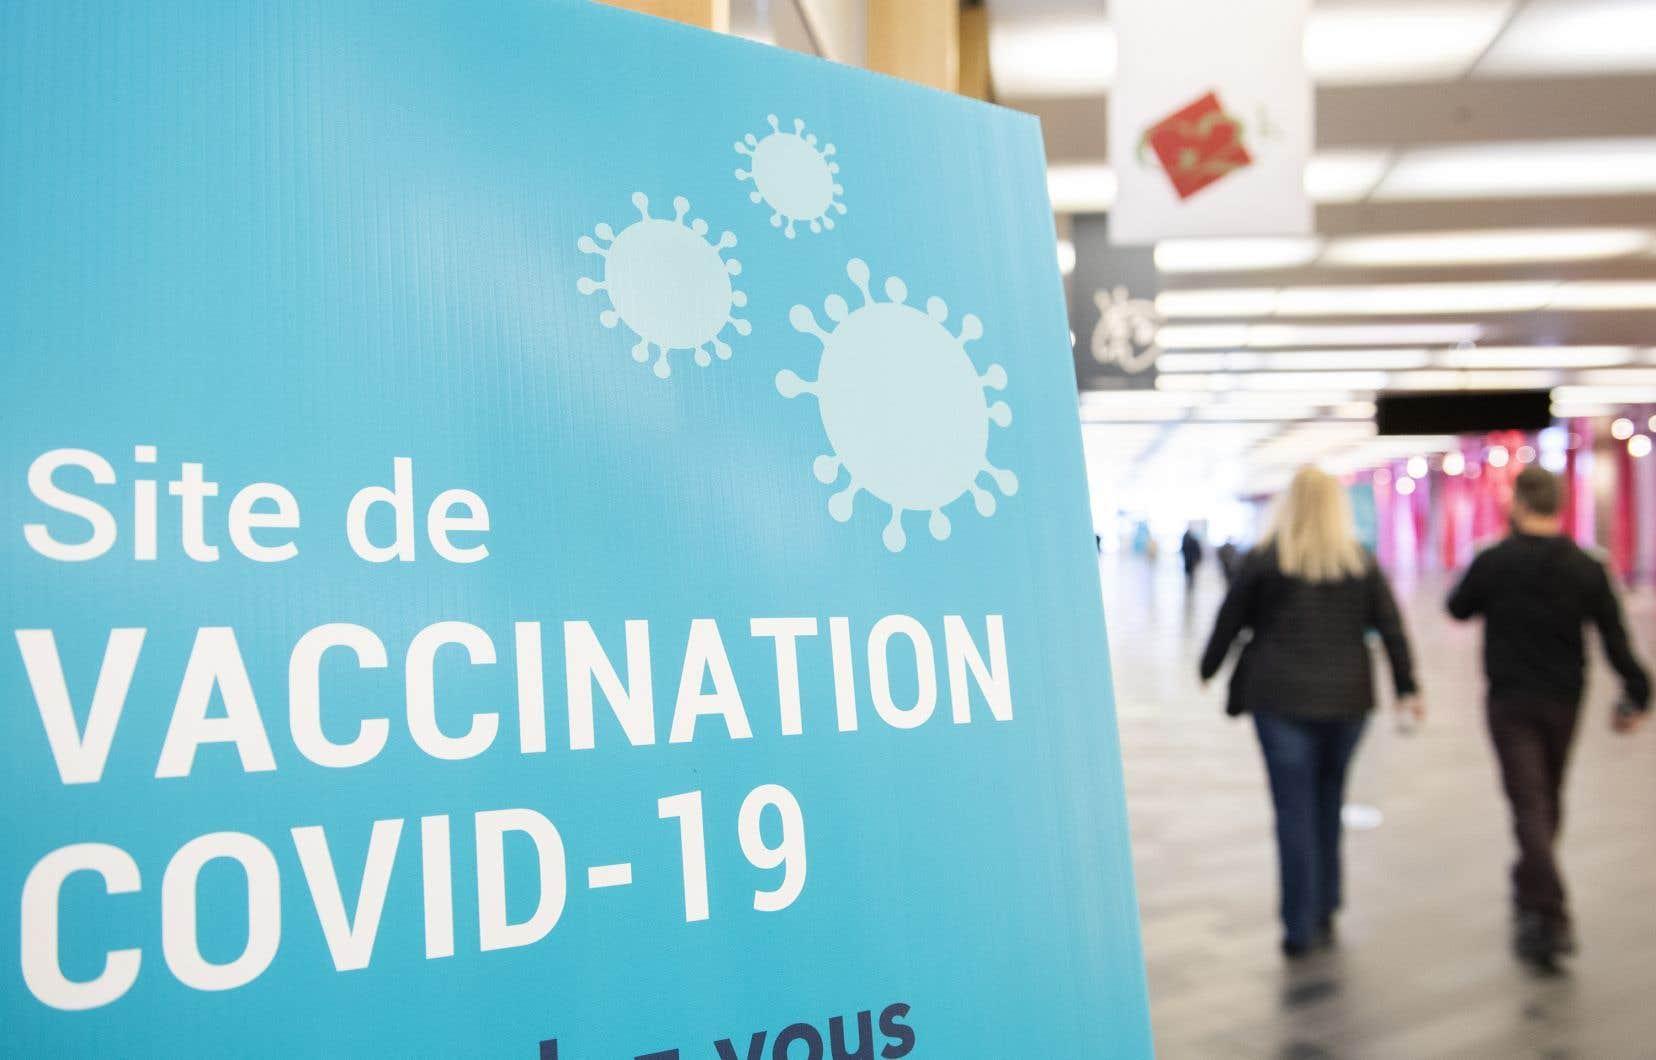 Les taux de vaccination sont de 59% chez les Montréalais âgés de 60 à 64ans et de 70% chez ceux âgés de 65 à 69ans.